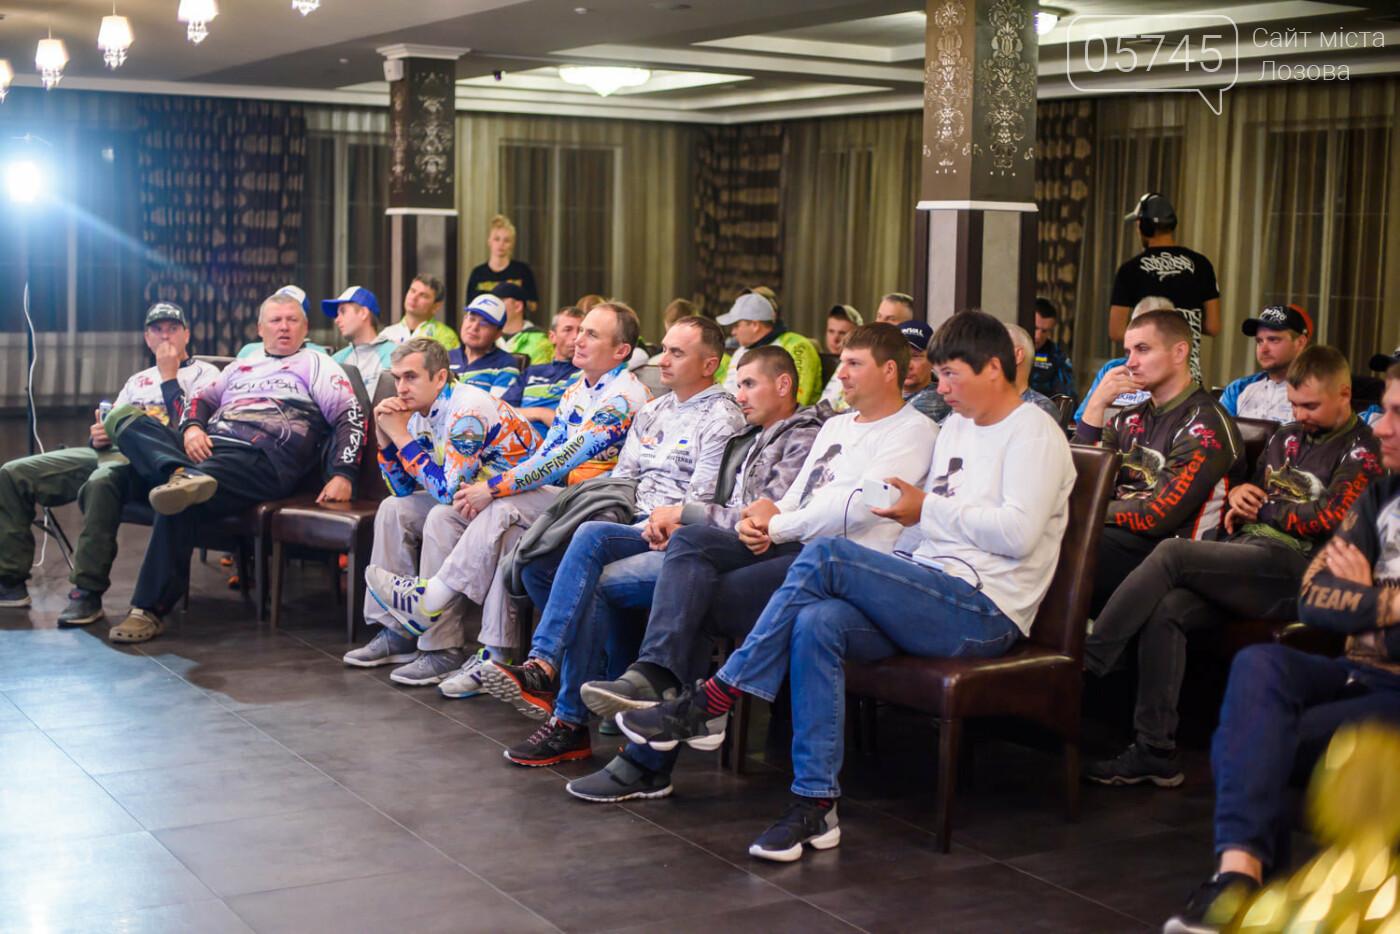 Рыболовы-спортсмены Лозовой заняли призовое место на Кубке Украины по ловле хищной рыбы, фото-5